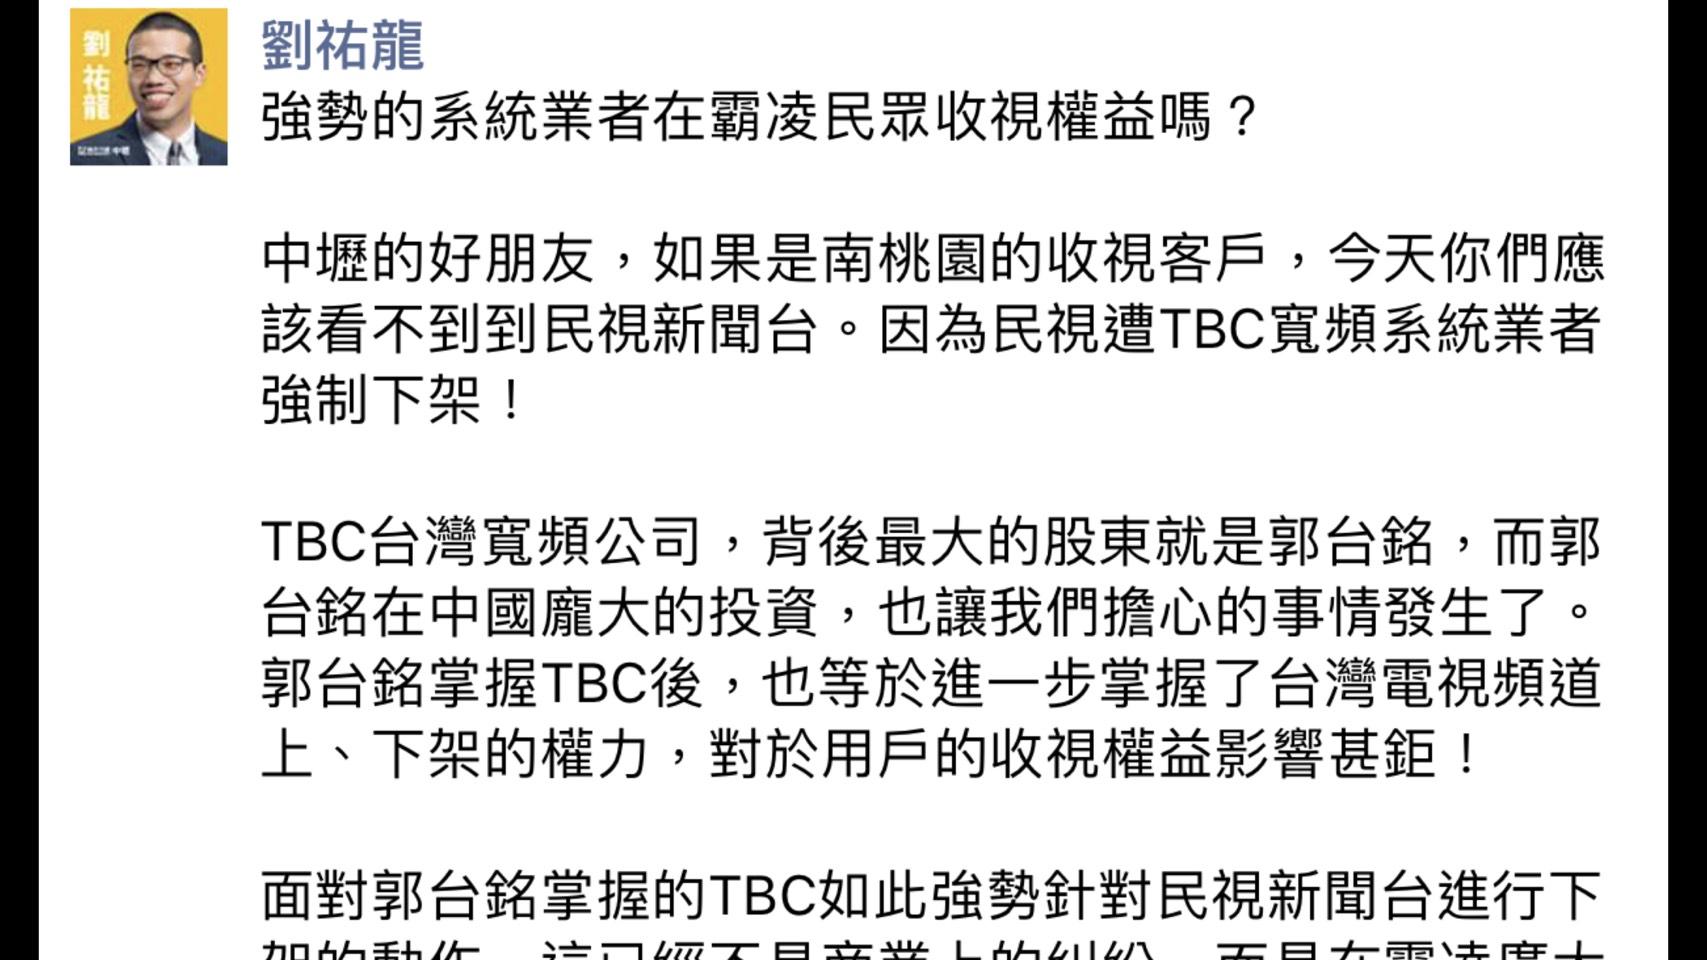 【民視斷訊爭議】時力中壢參選人抗議TBC:強勢的系統業者在霸凌民眾收視權益嗎?